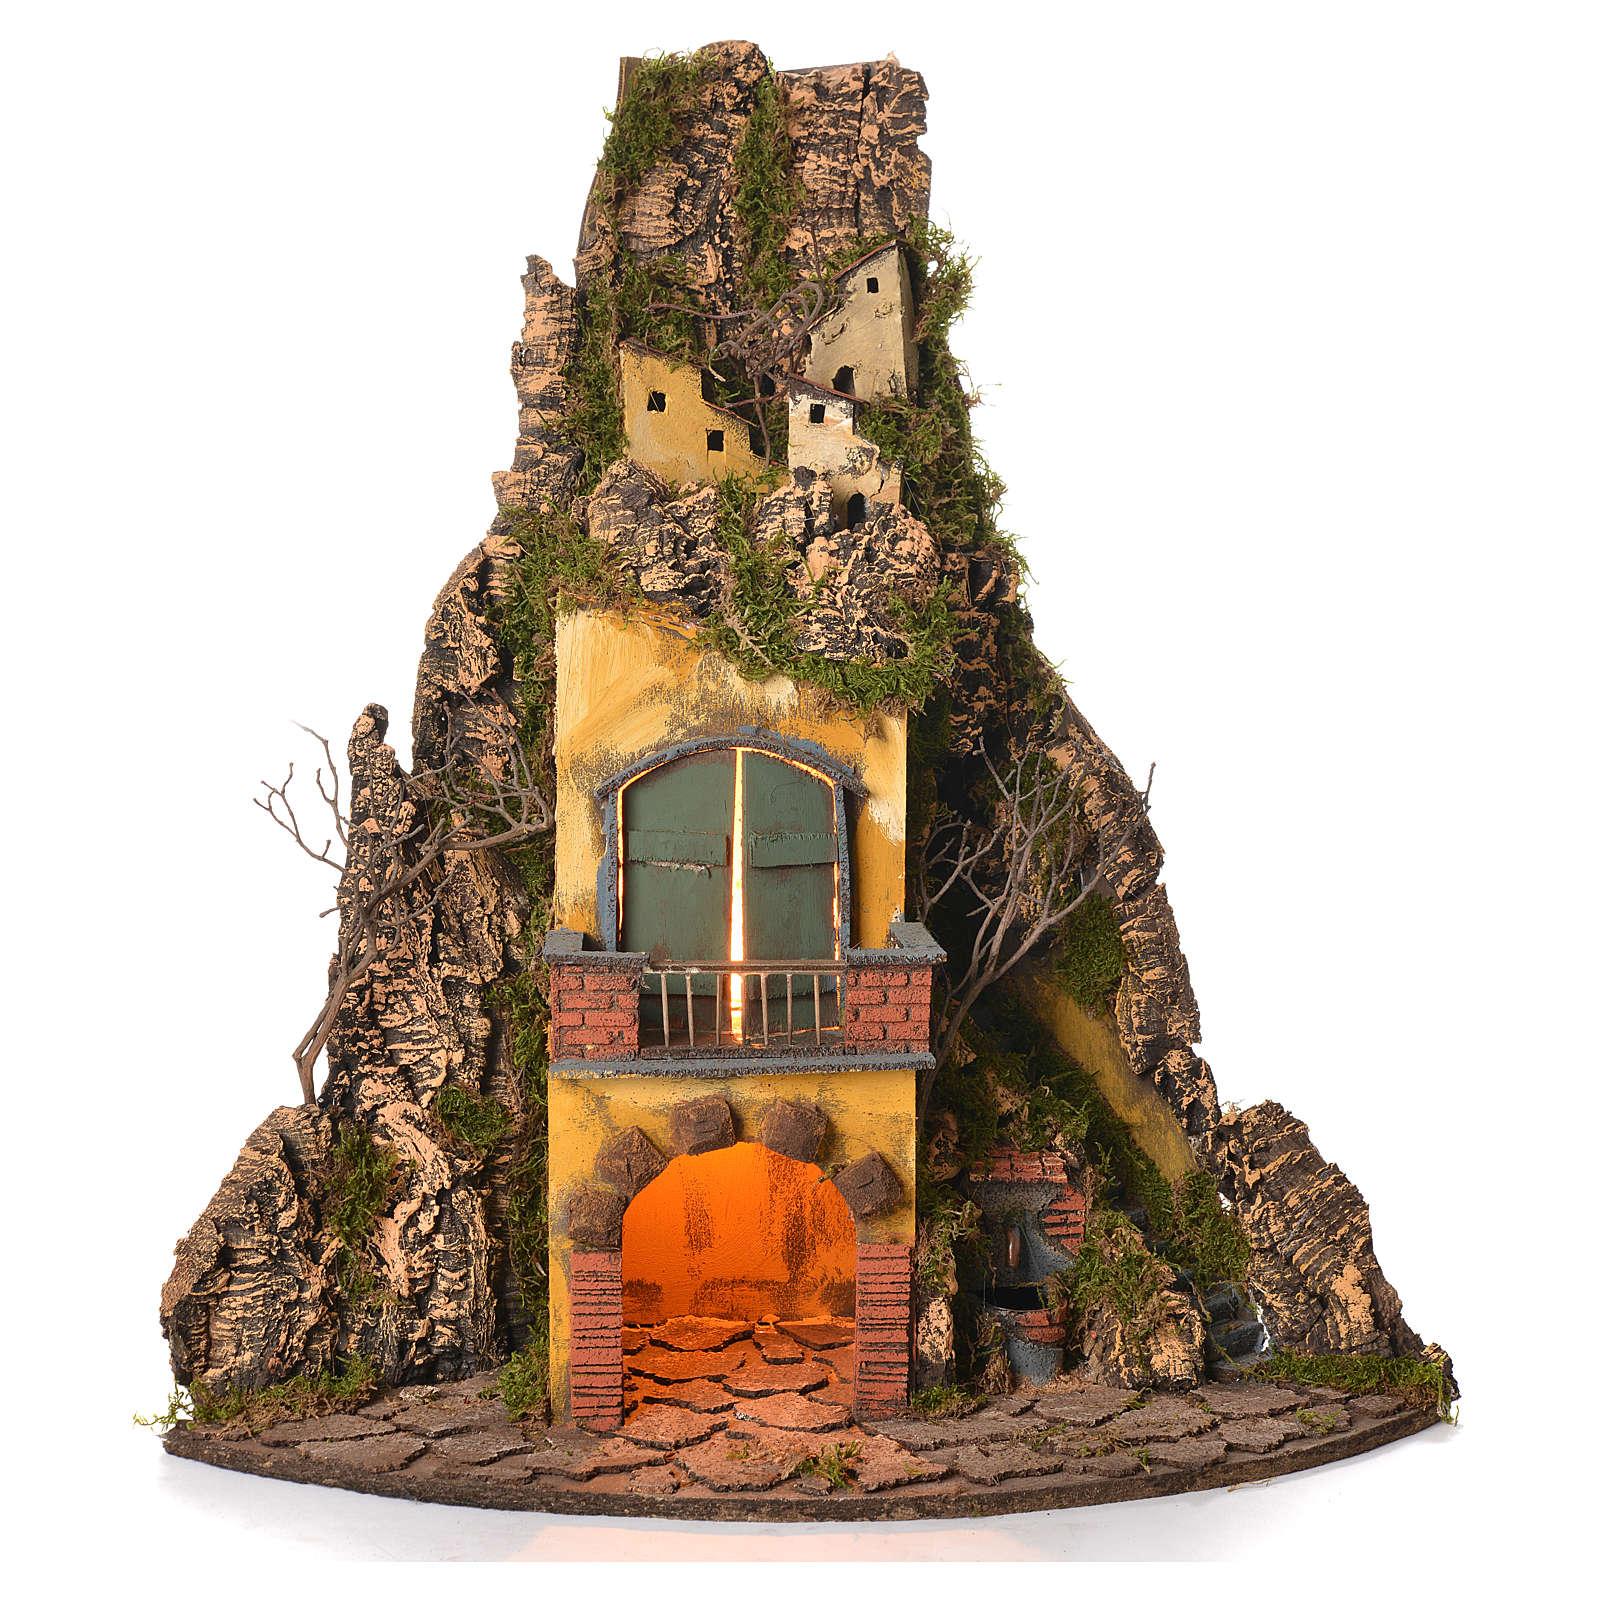 Borgo presepe napoletano stile 700 angolare con fontana 64x38x38 4